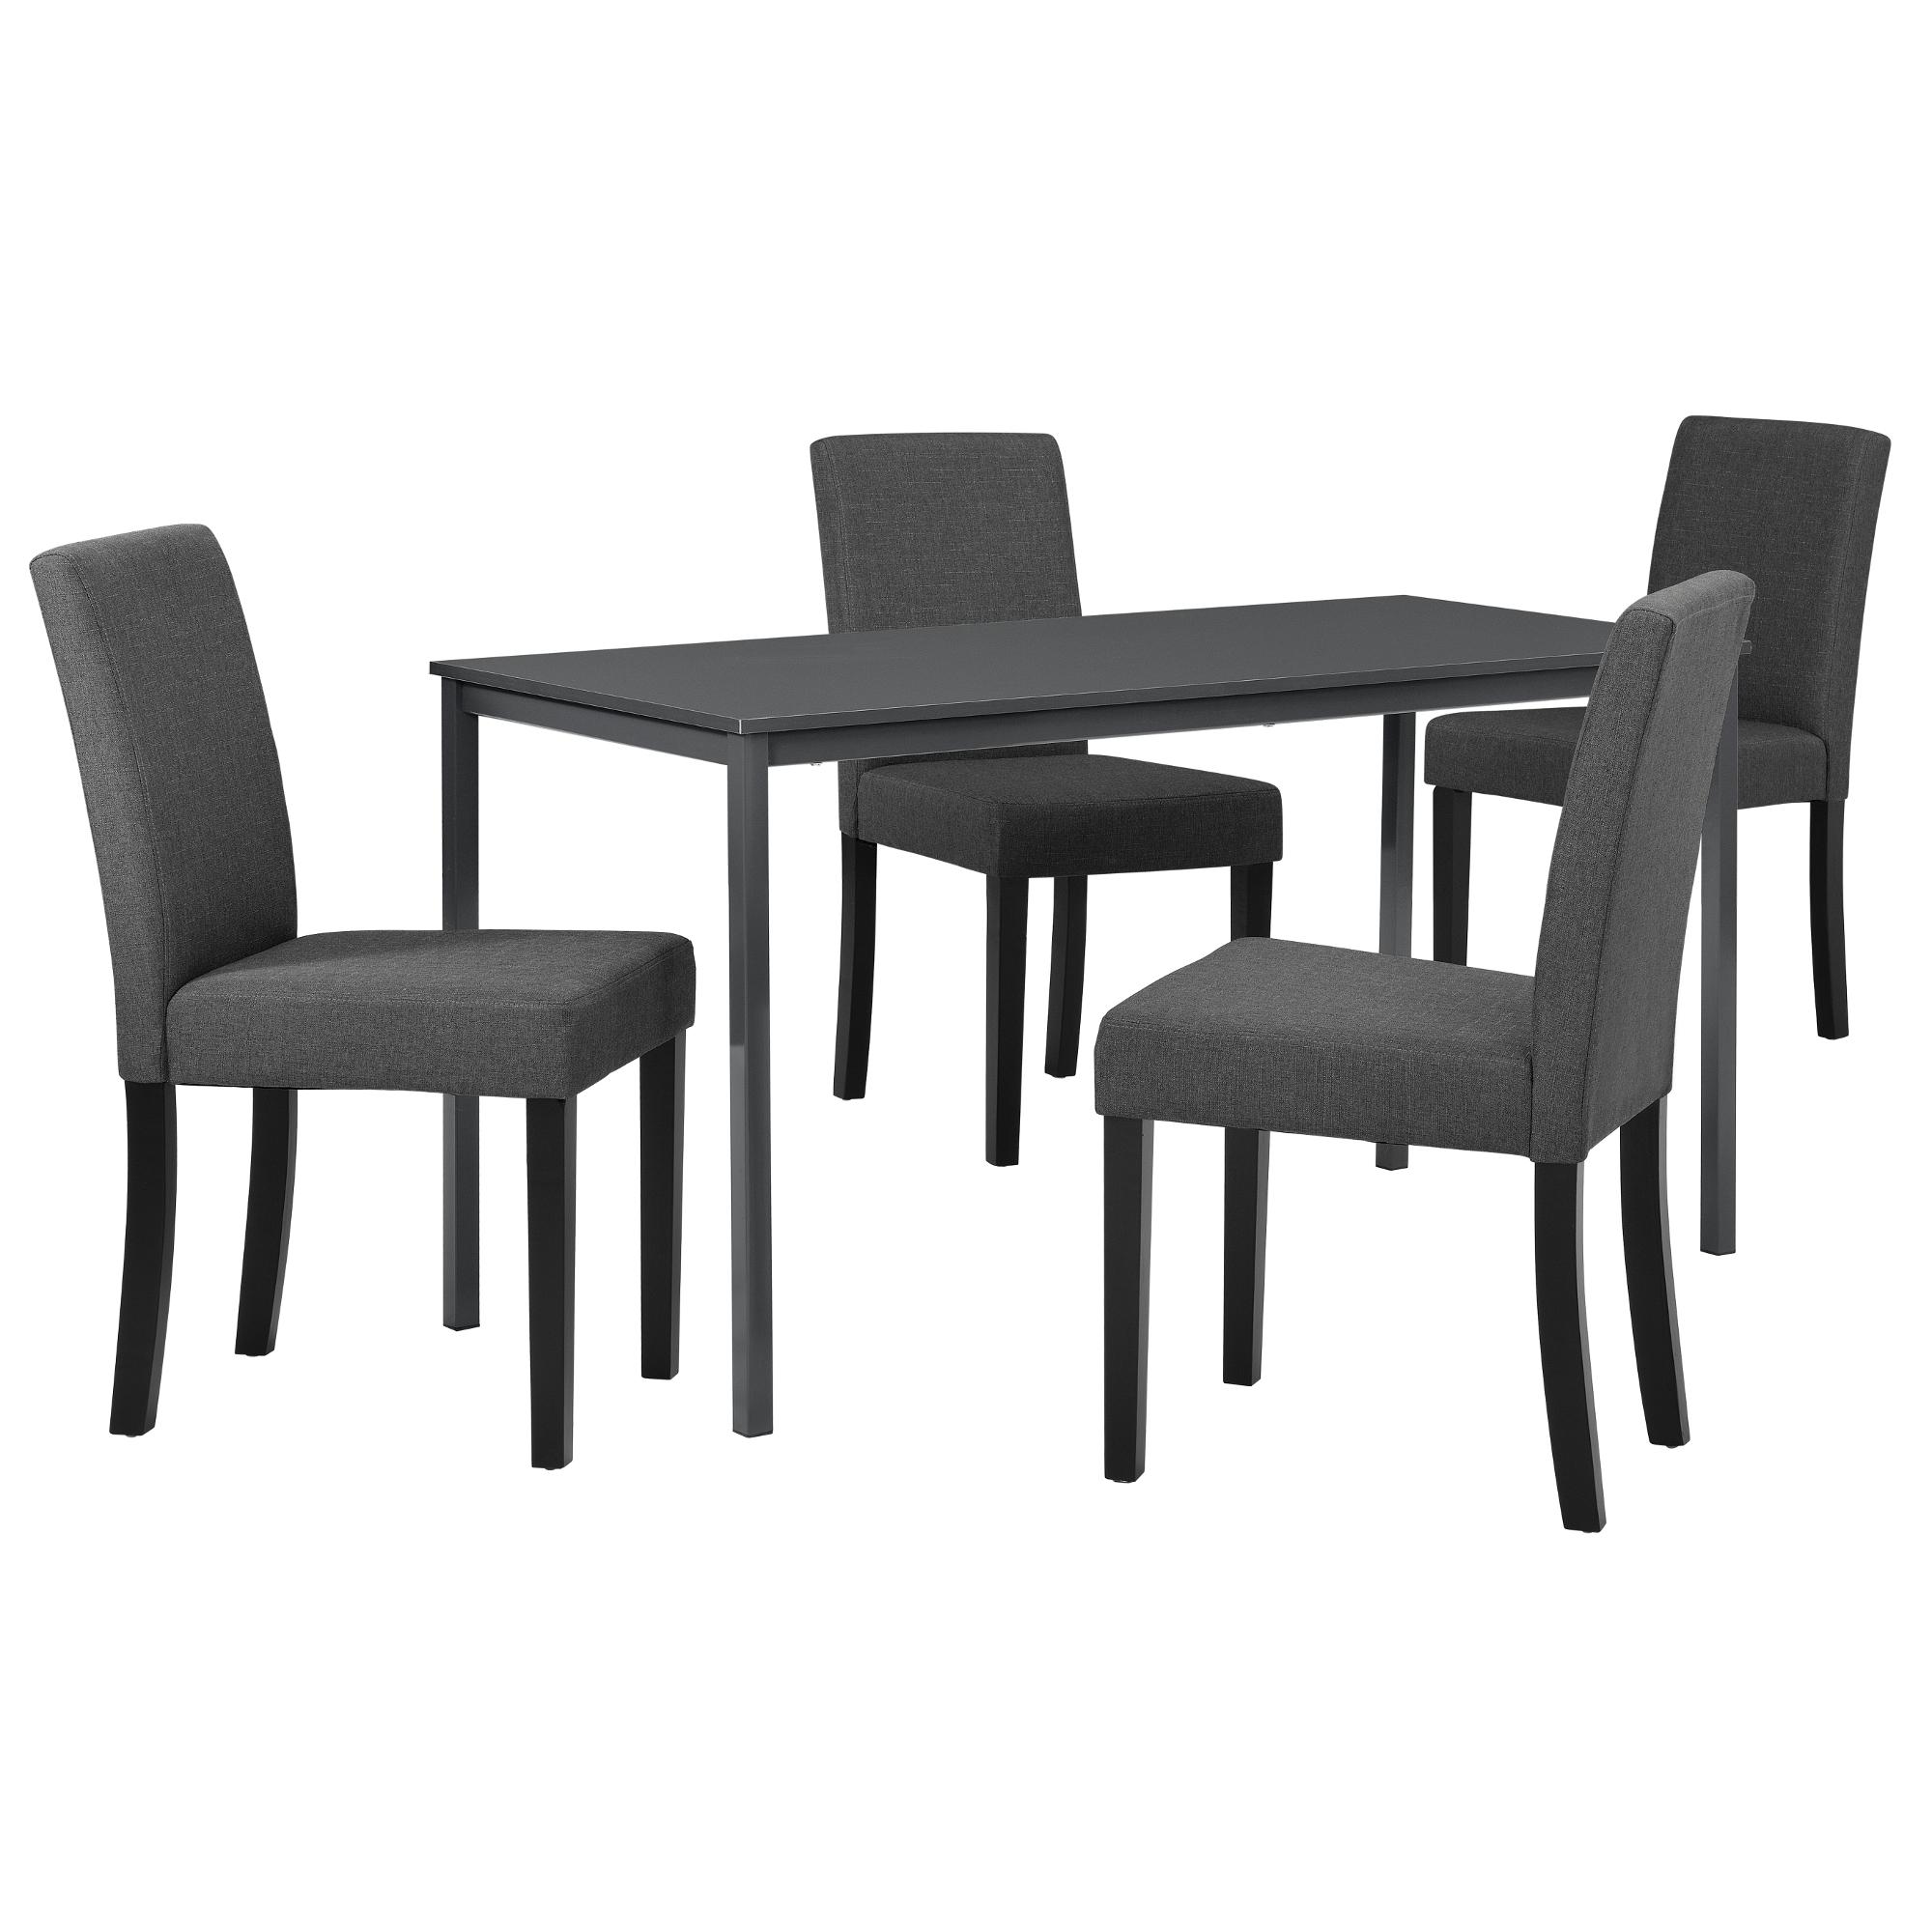 Esstisch Mit 4 Stühlen Dunkelgrau 140x60cm Küchentisch